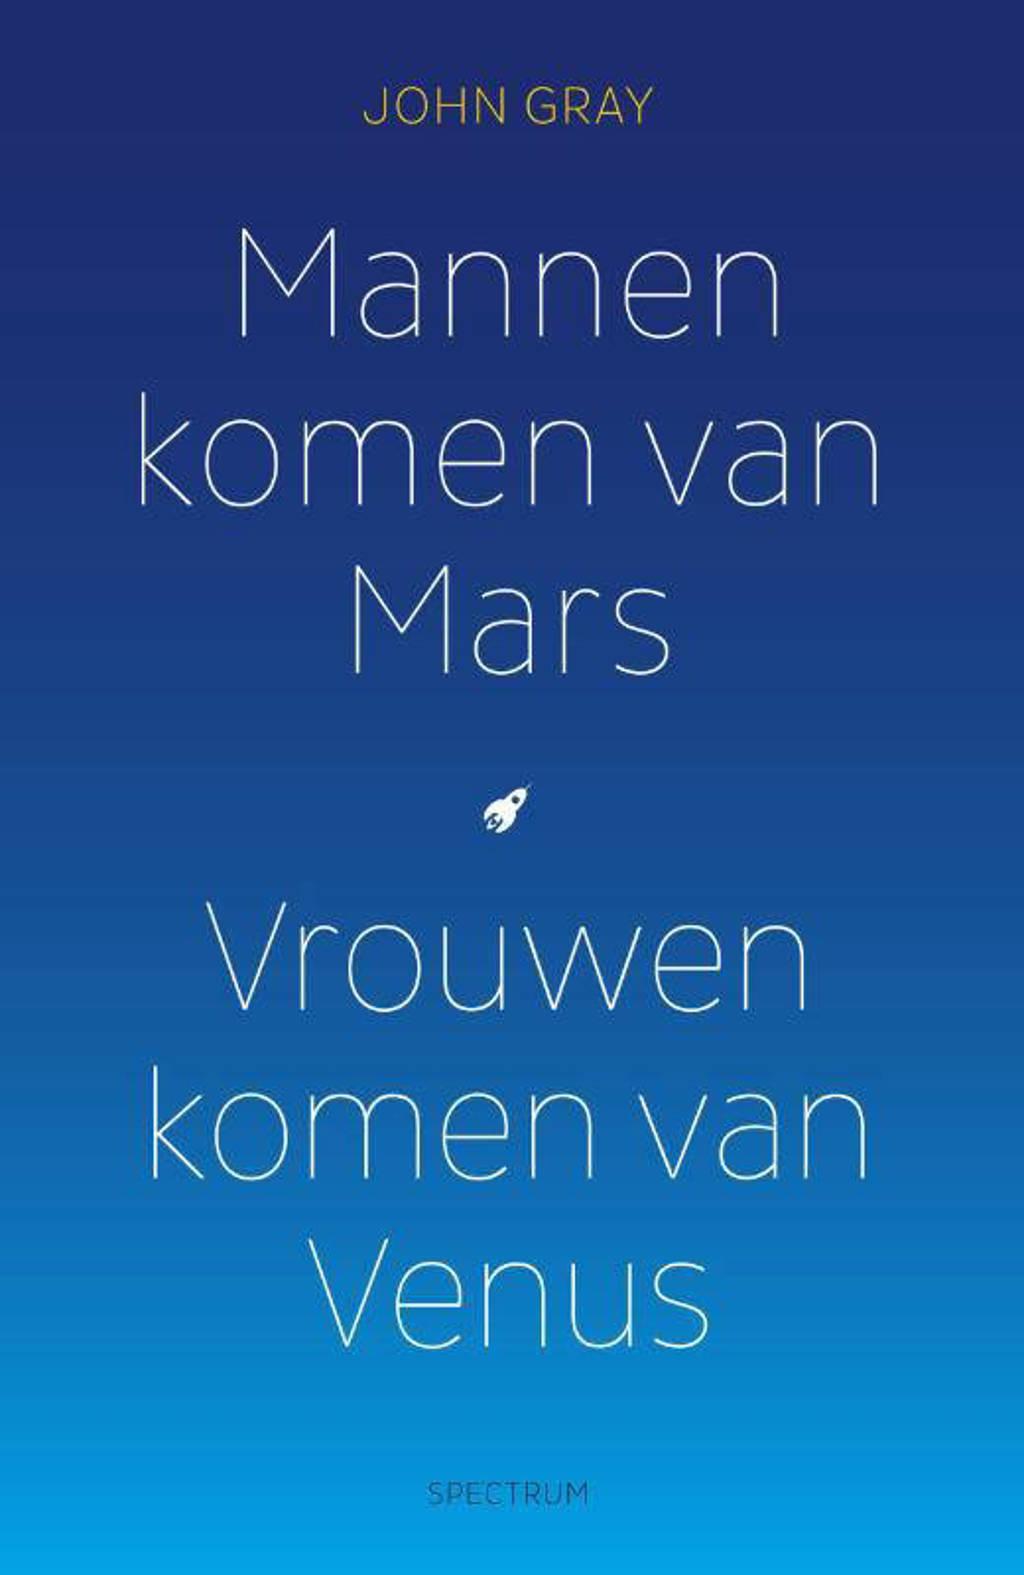 Mannen komen van Mars, vrouwen komen van Venus - John Gray